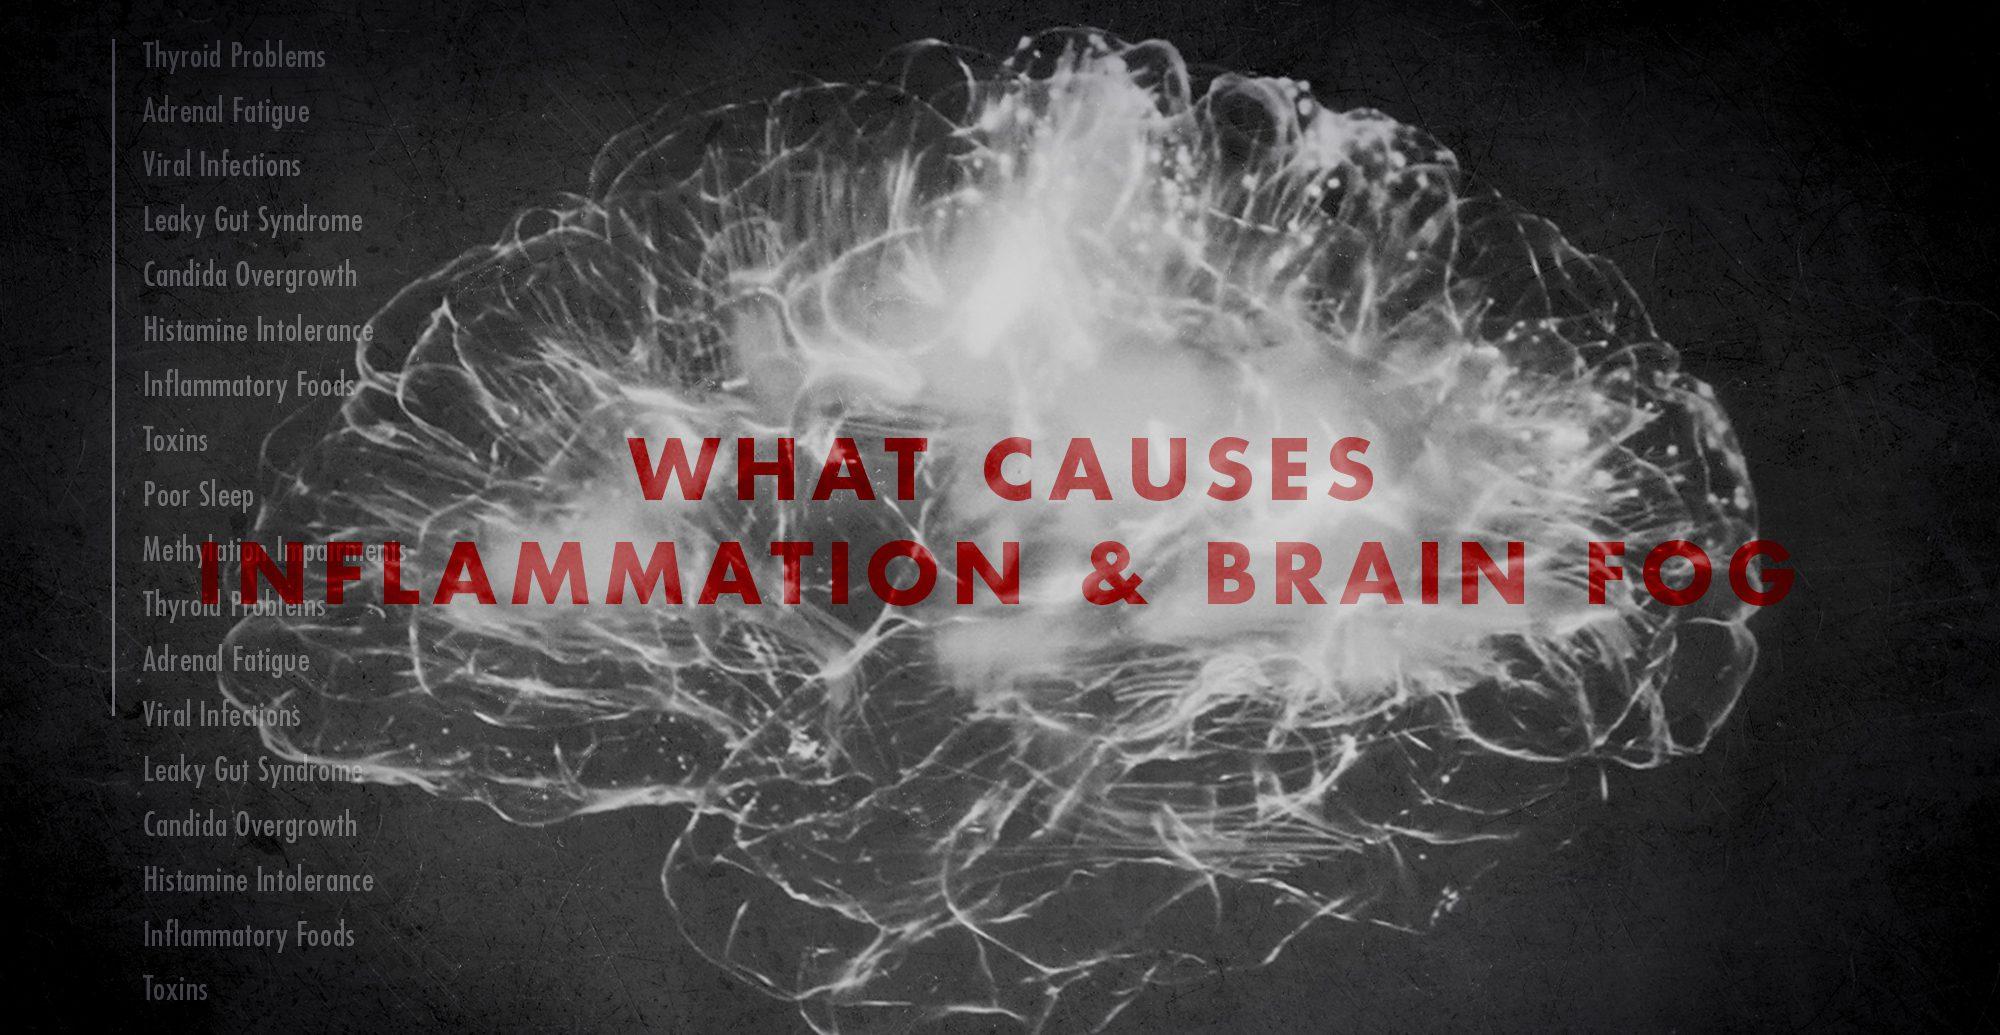 Neurologi Fungsional: Apa Penyebab Inflamasi dan Kabut Otak? | El Paso, TX Chiropractor